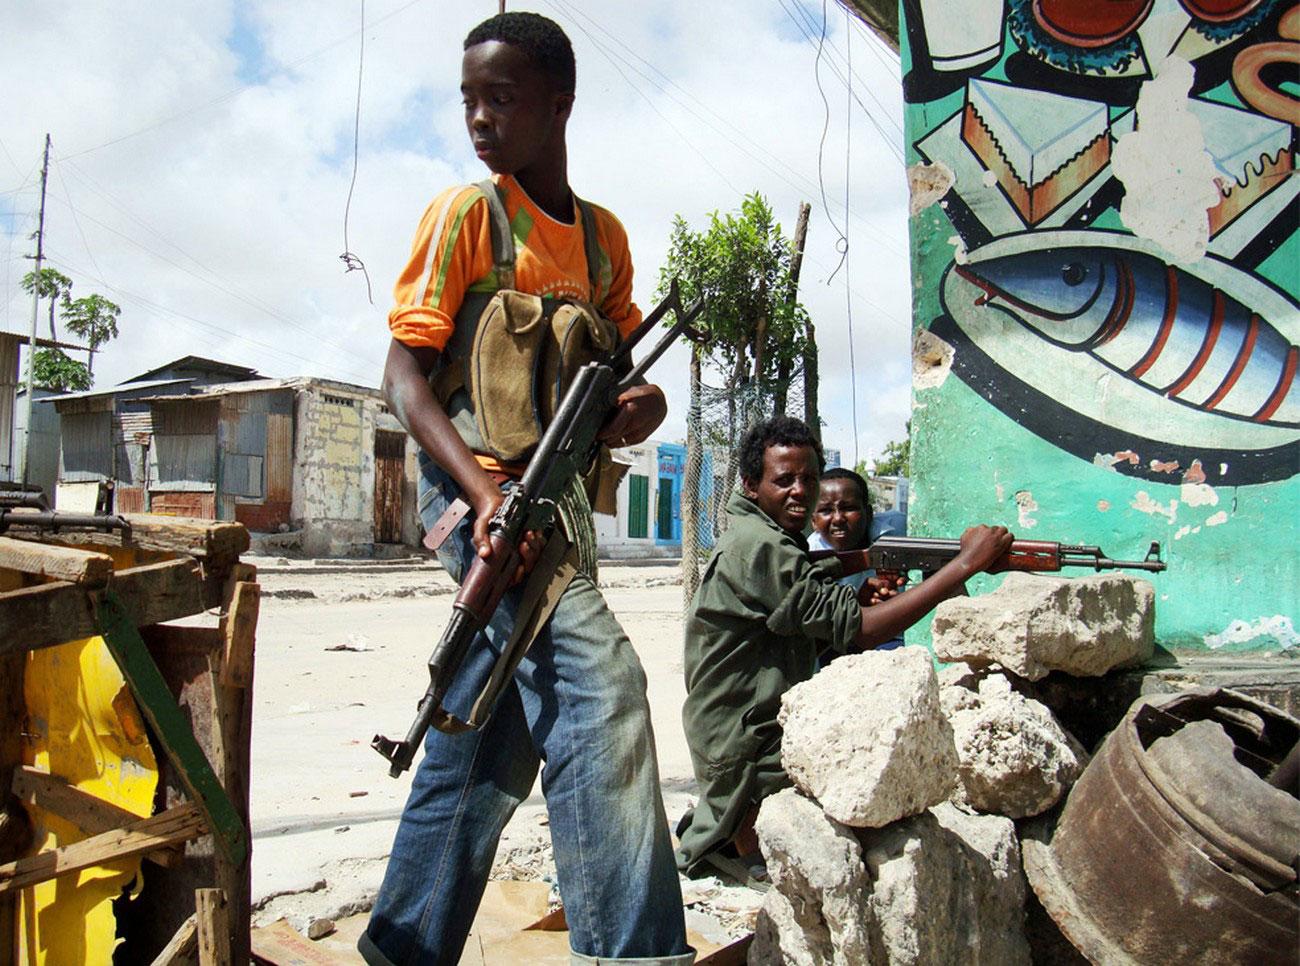 дети из группировки исламистских боевиков, фото